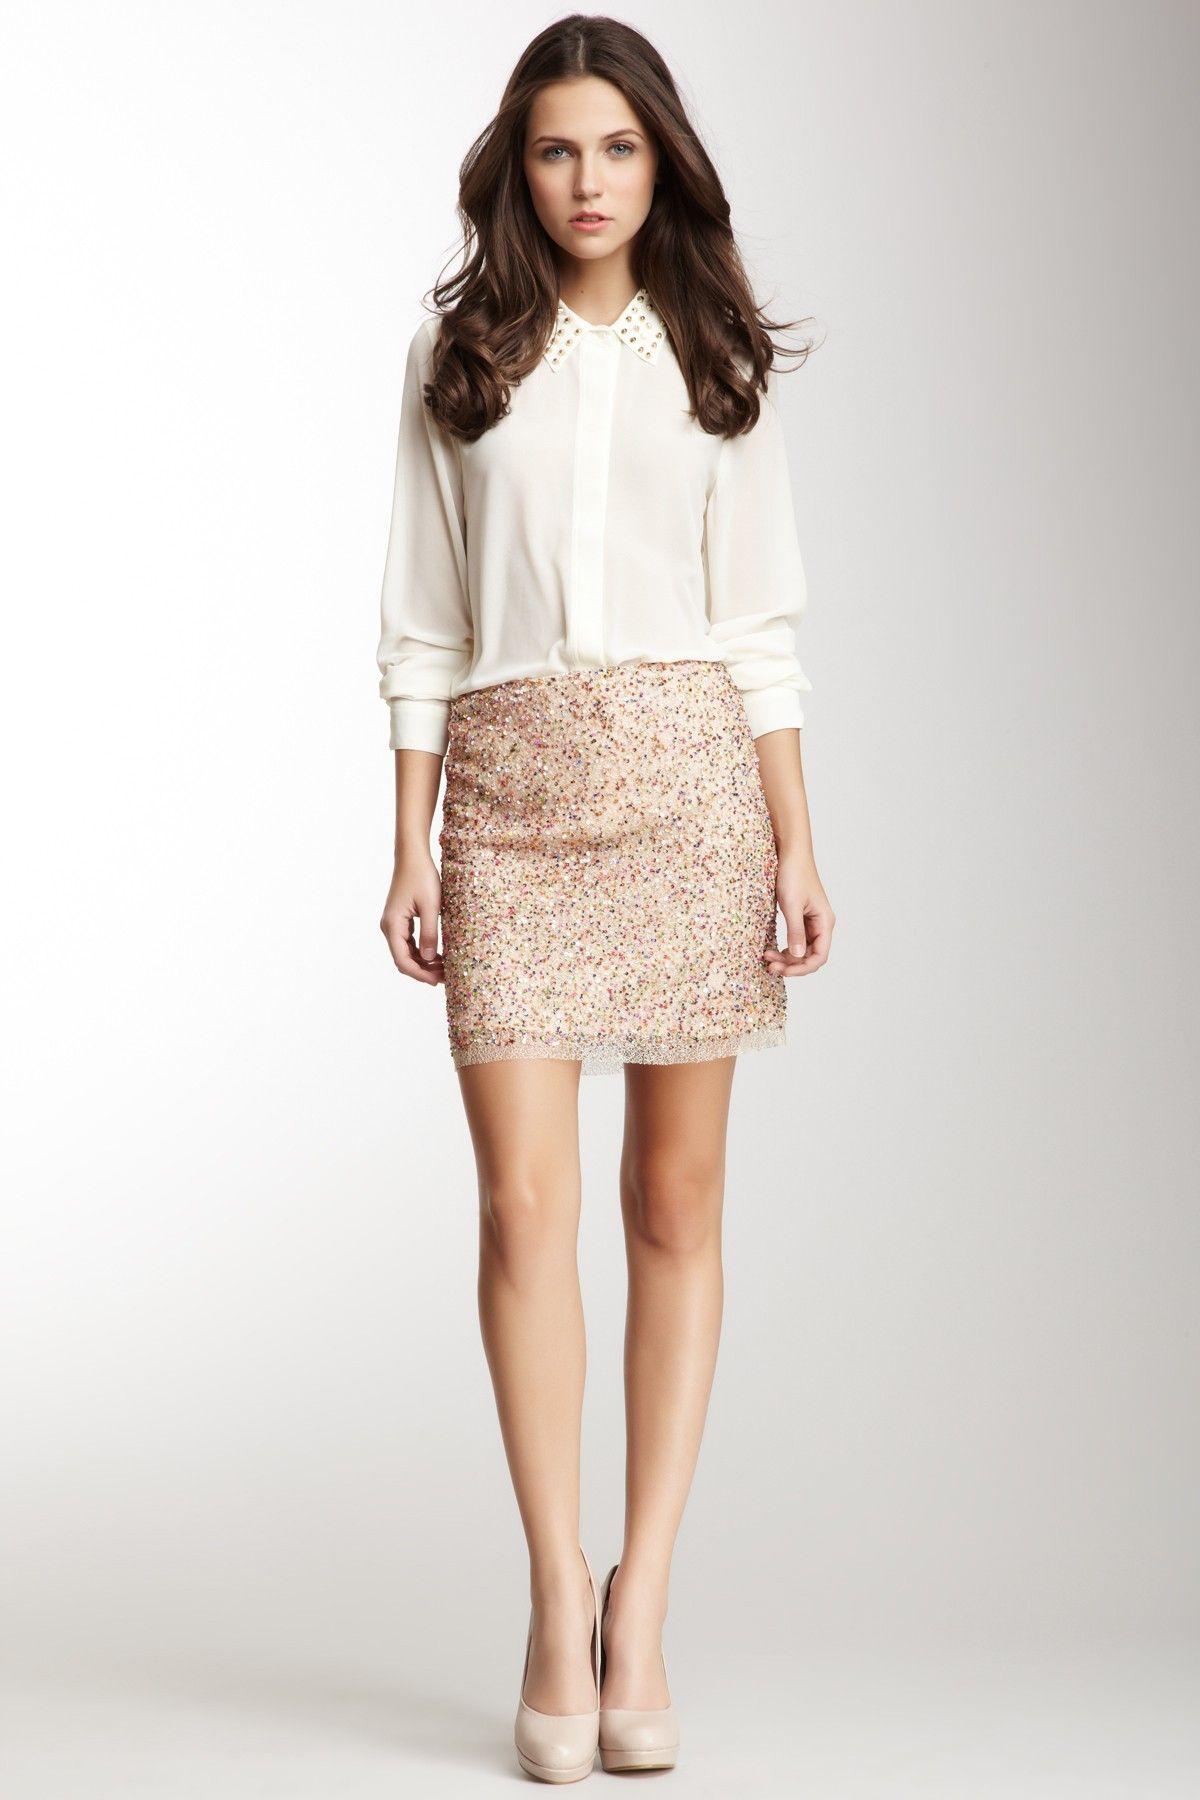 Romeo & Juliet Couture Beaded Mini Skirt on HauteLook